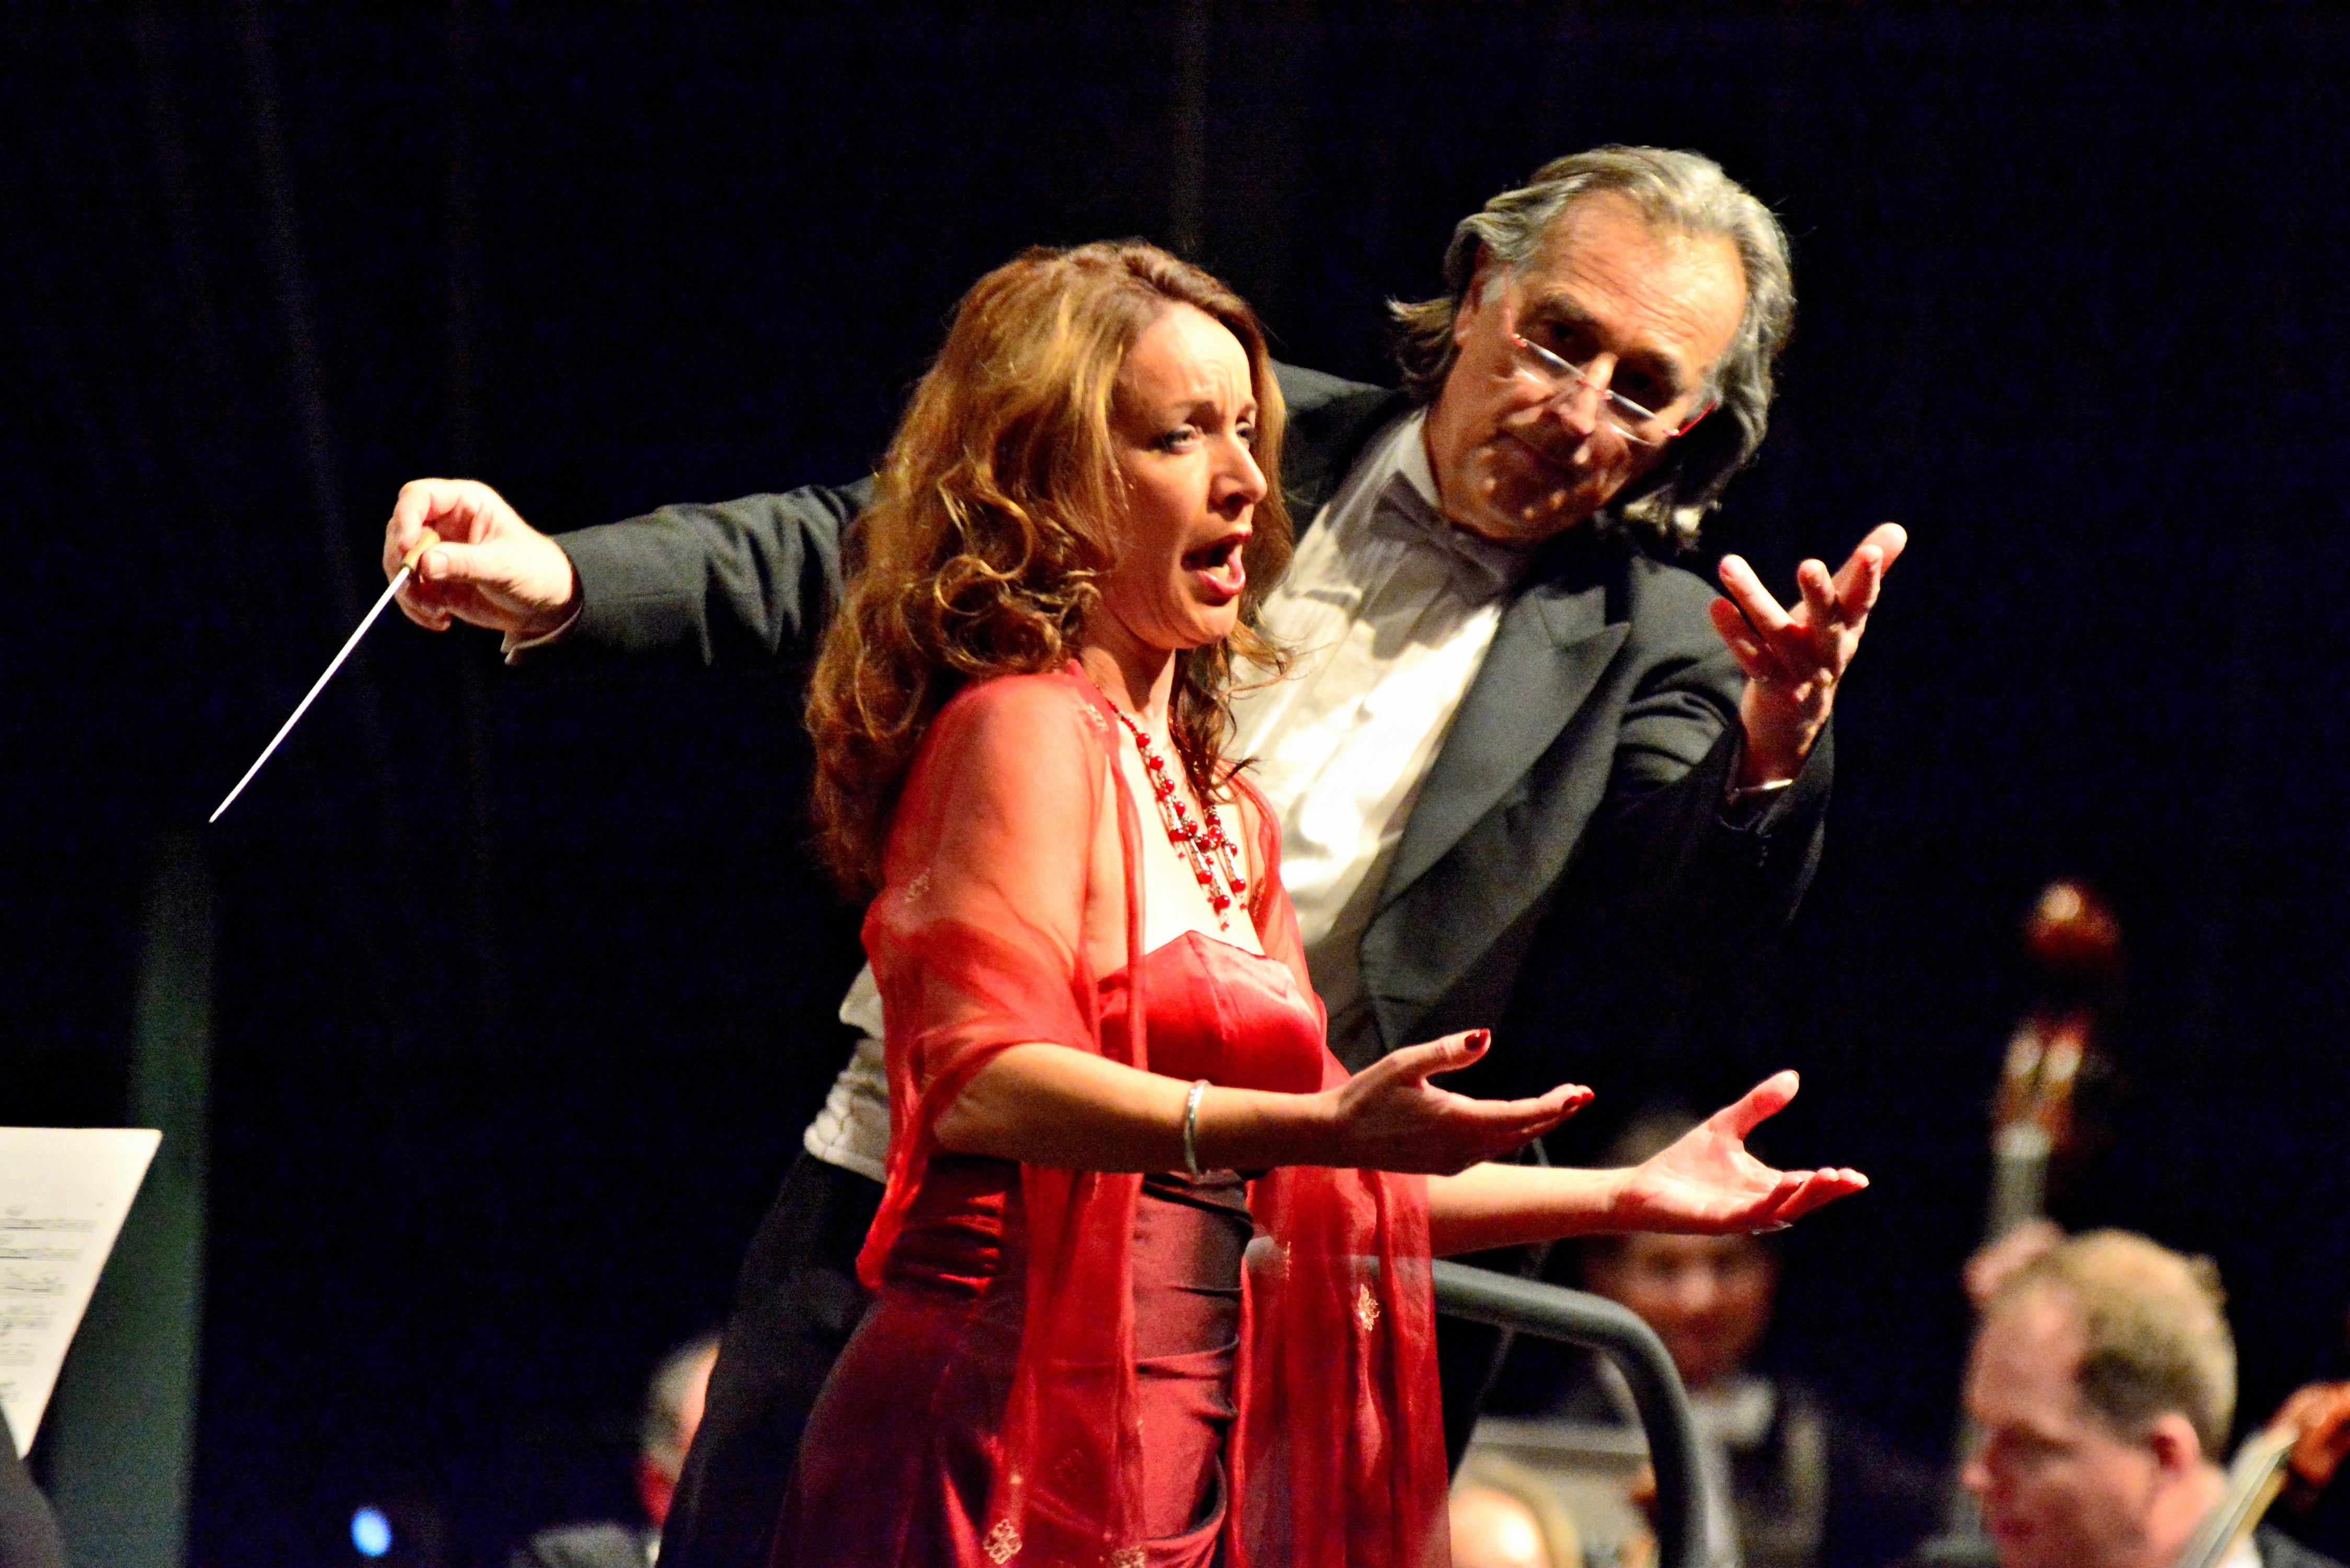 """Die niederländische Sopranistin Marisca Mulder begeisterte das Publikum mit Arien von Giacomo Puccini (""""O mio babbino caro"""" aus """"Gianni Schicci"""") und Franz Lehár (Vilja-Lied aus """"Die lustige Witwe""""."""